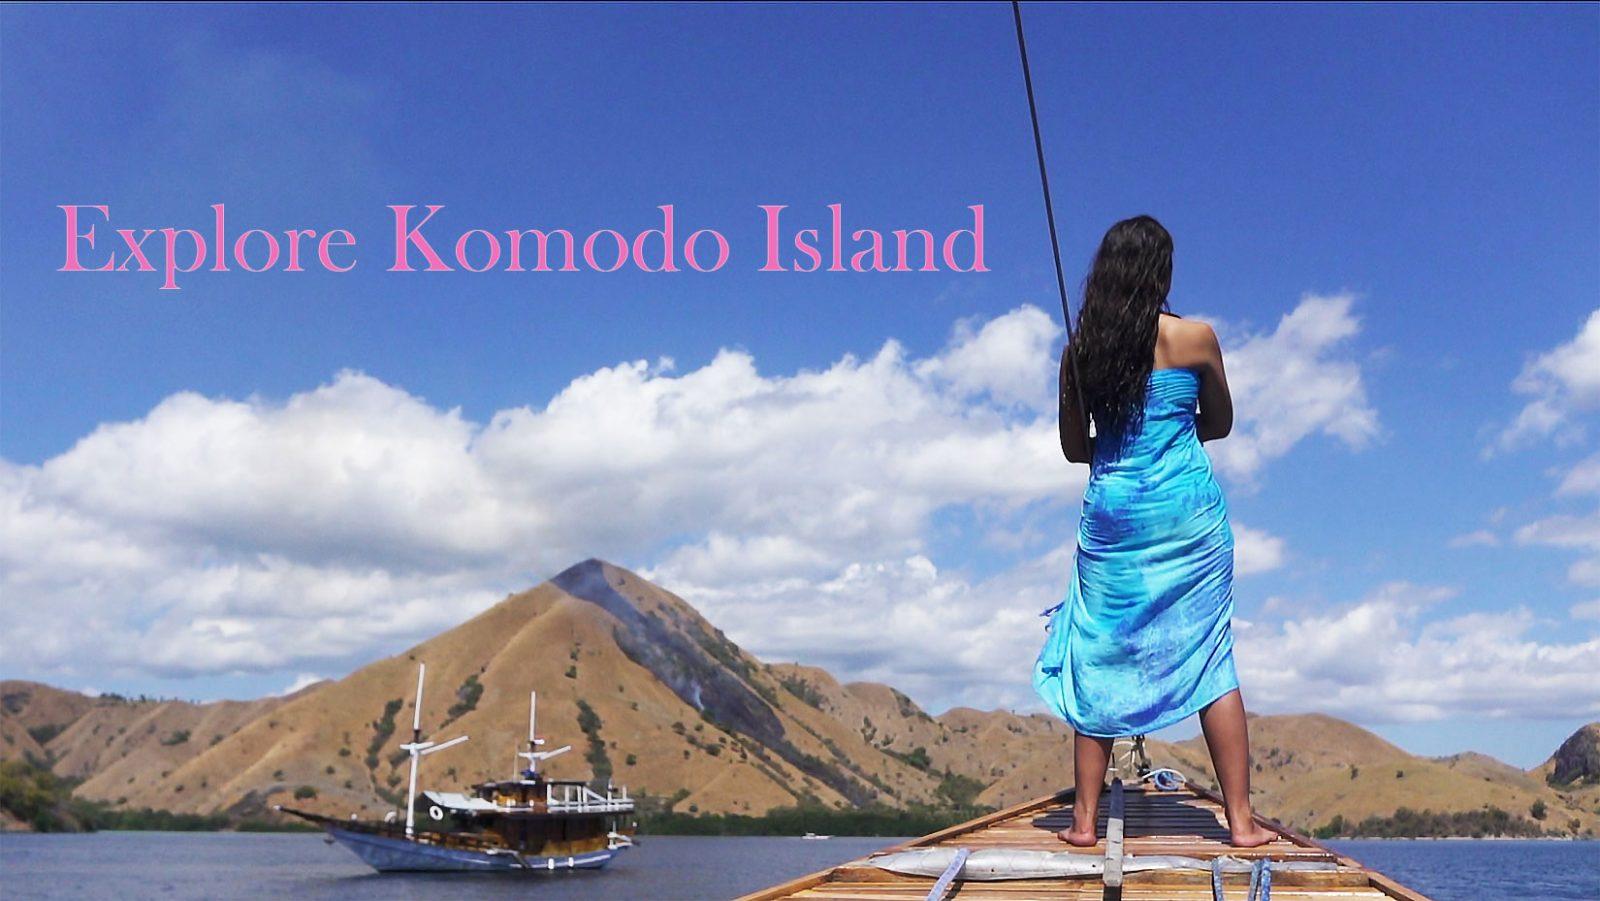 コモド島の旅日記